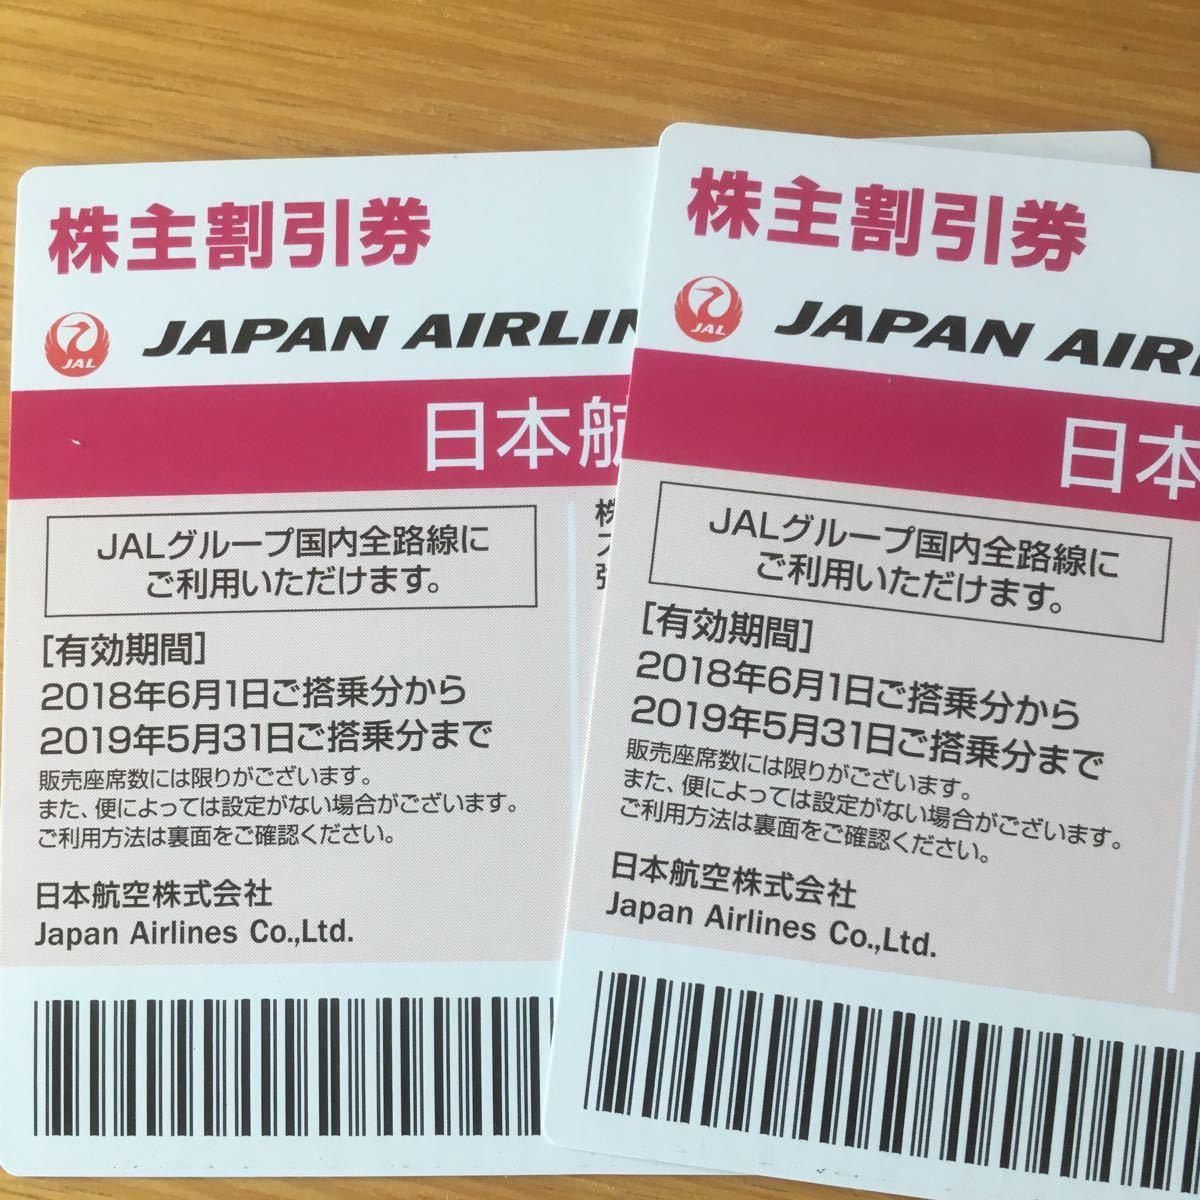 JAL 日本航空 株主優待券2枚分 2019.05.31迄 番号通知可/画像送付可